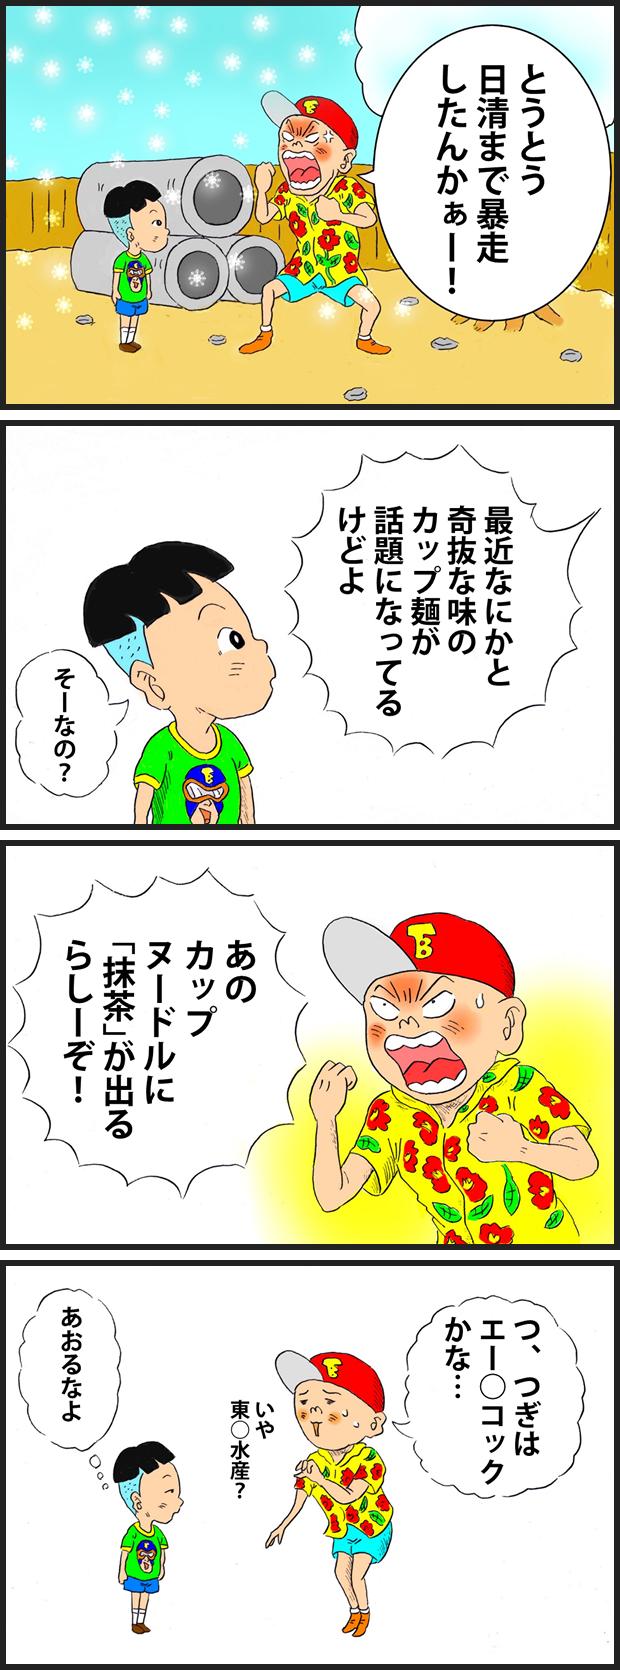 304 暴走カップヌードル?